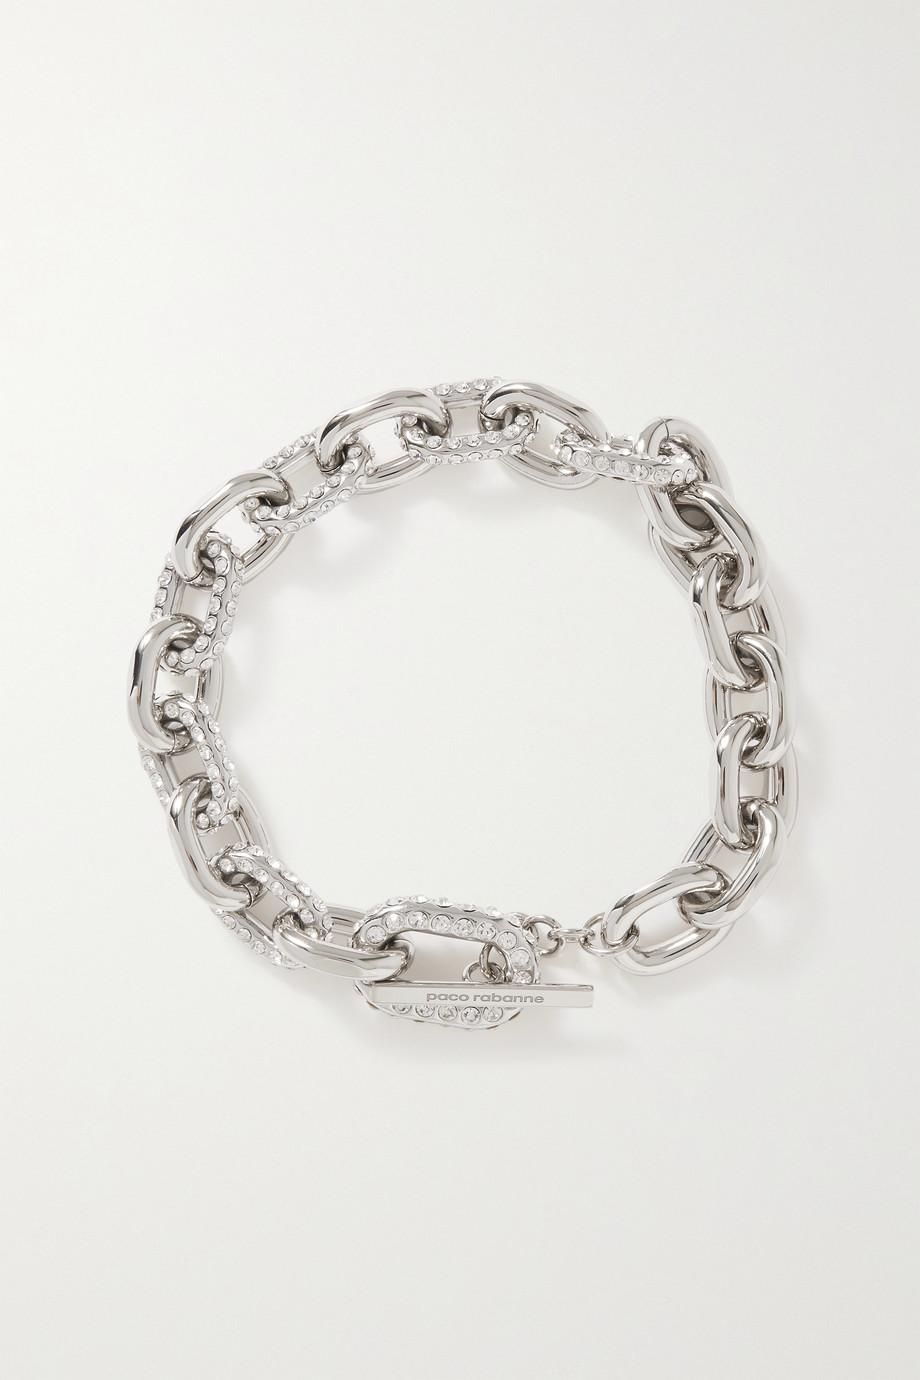 Paco Rabanne Collier en métal argenté à cristaux XL Link